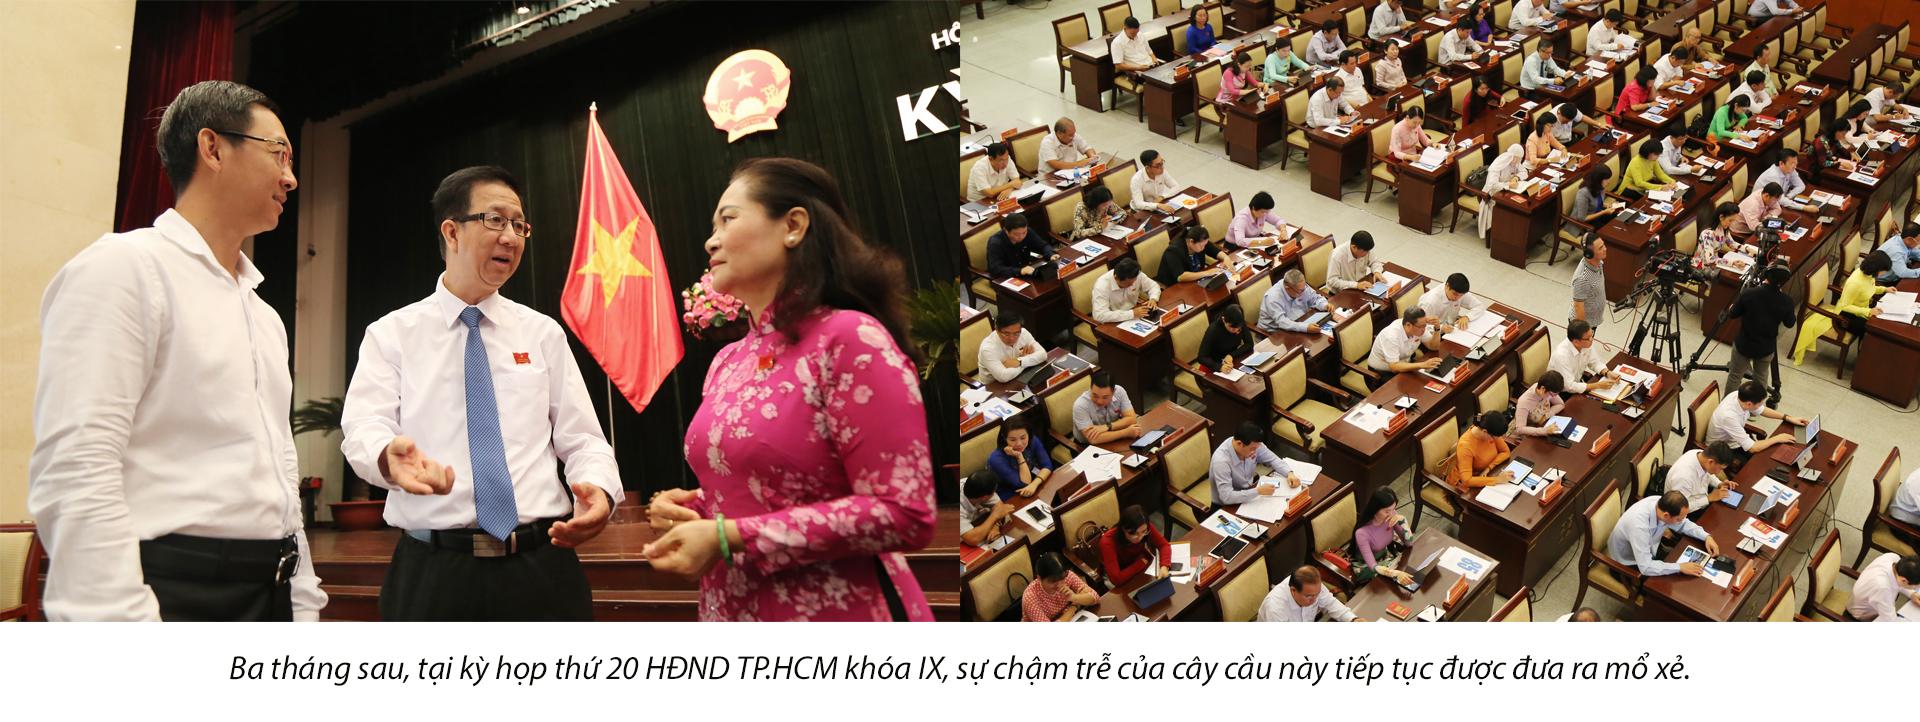 Emagazine: HĐND TP.HCM và 5 dấu ấn của nhiệm kỳ 2016-2021 - ảnh 5